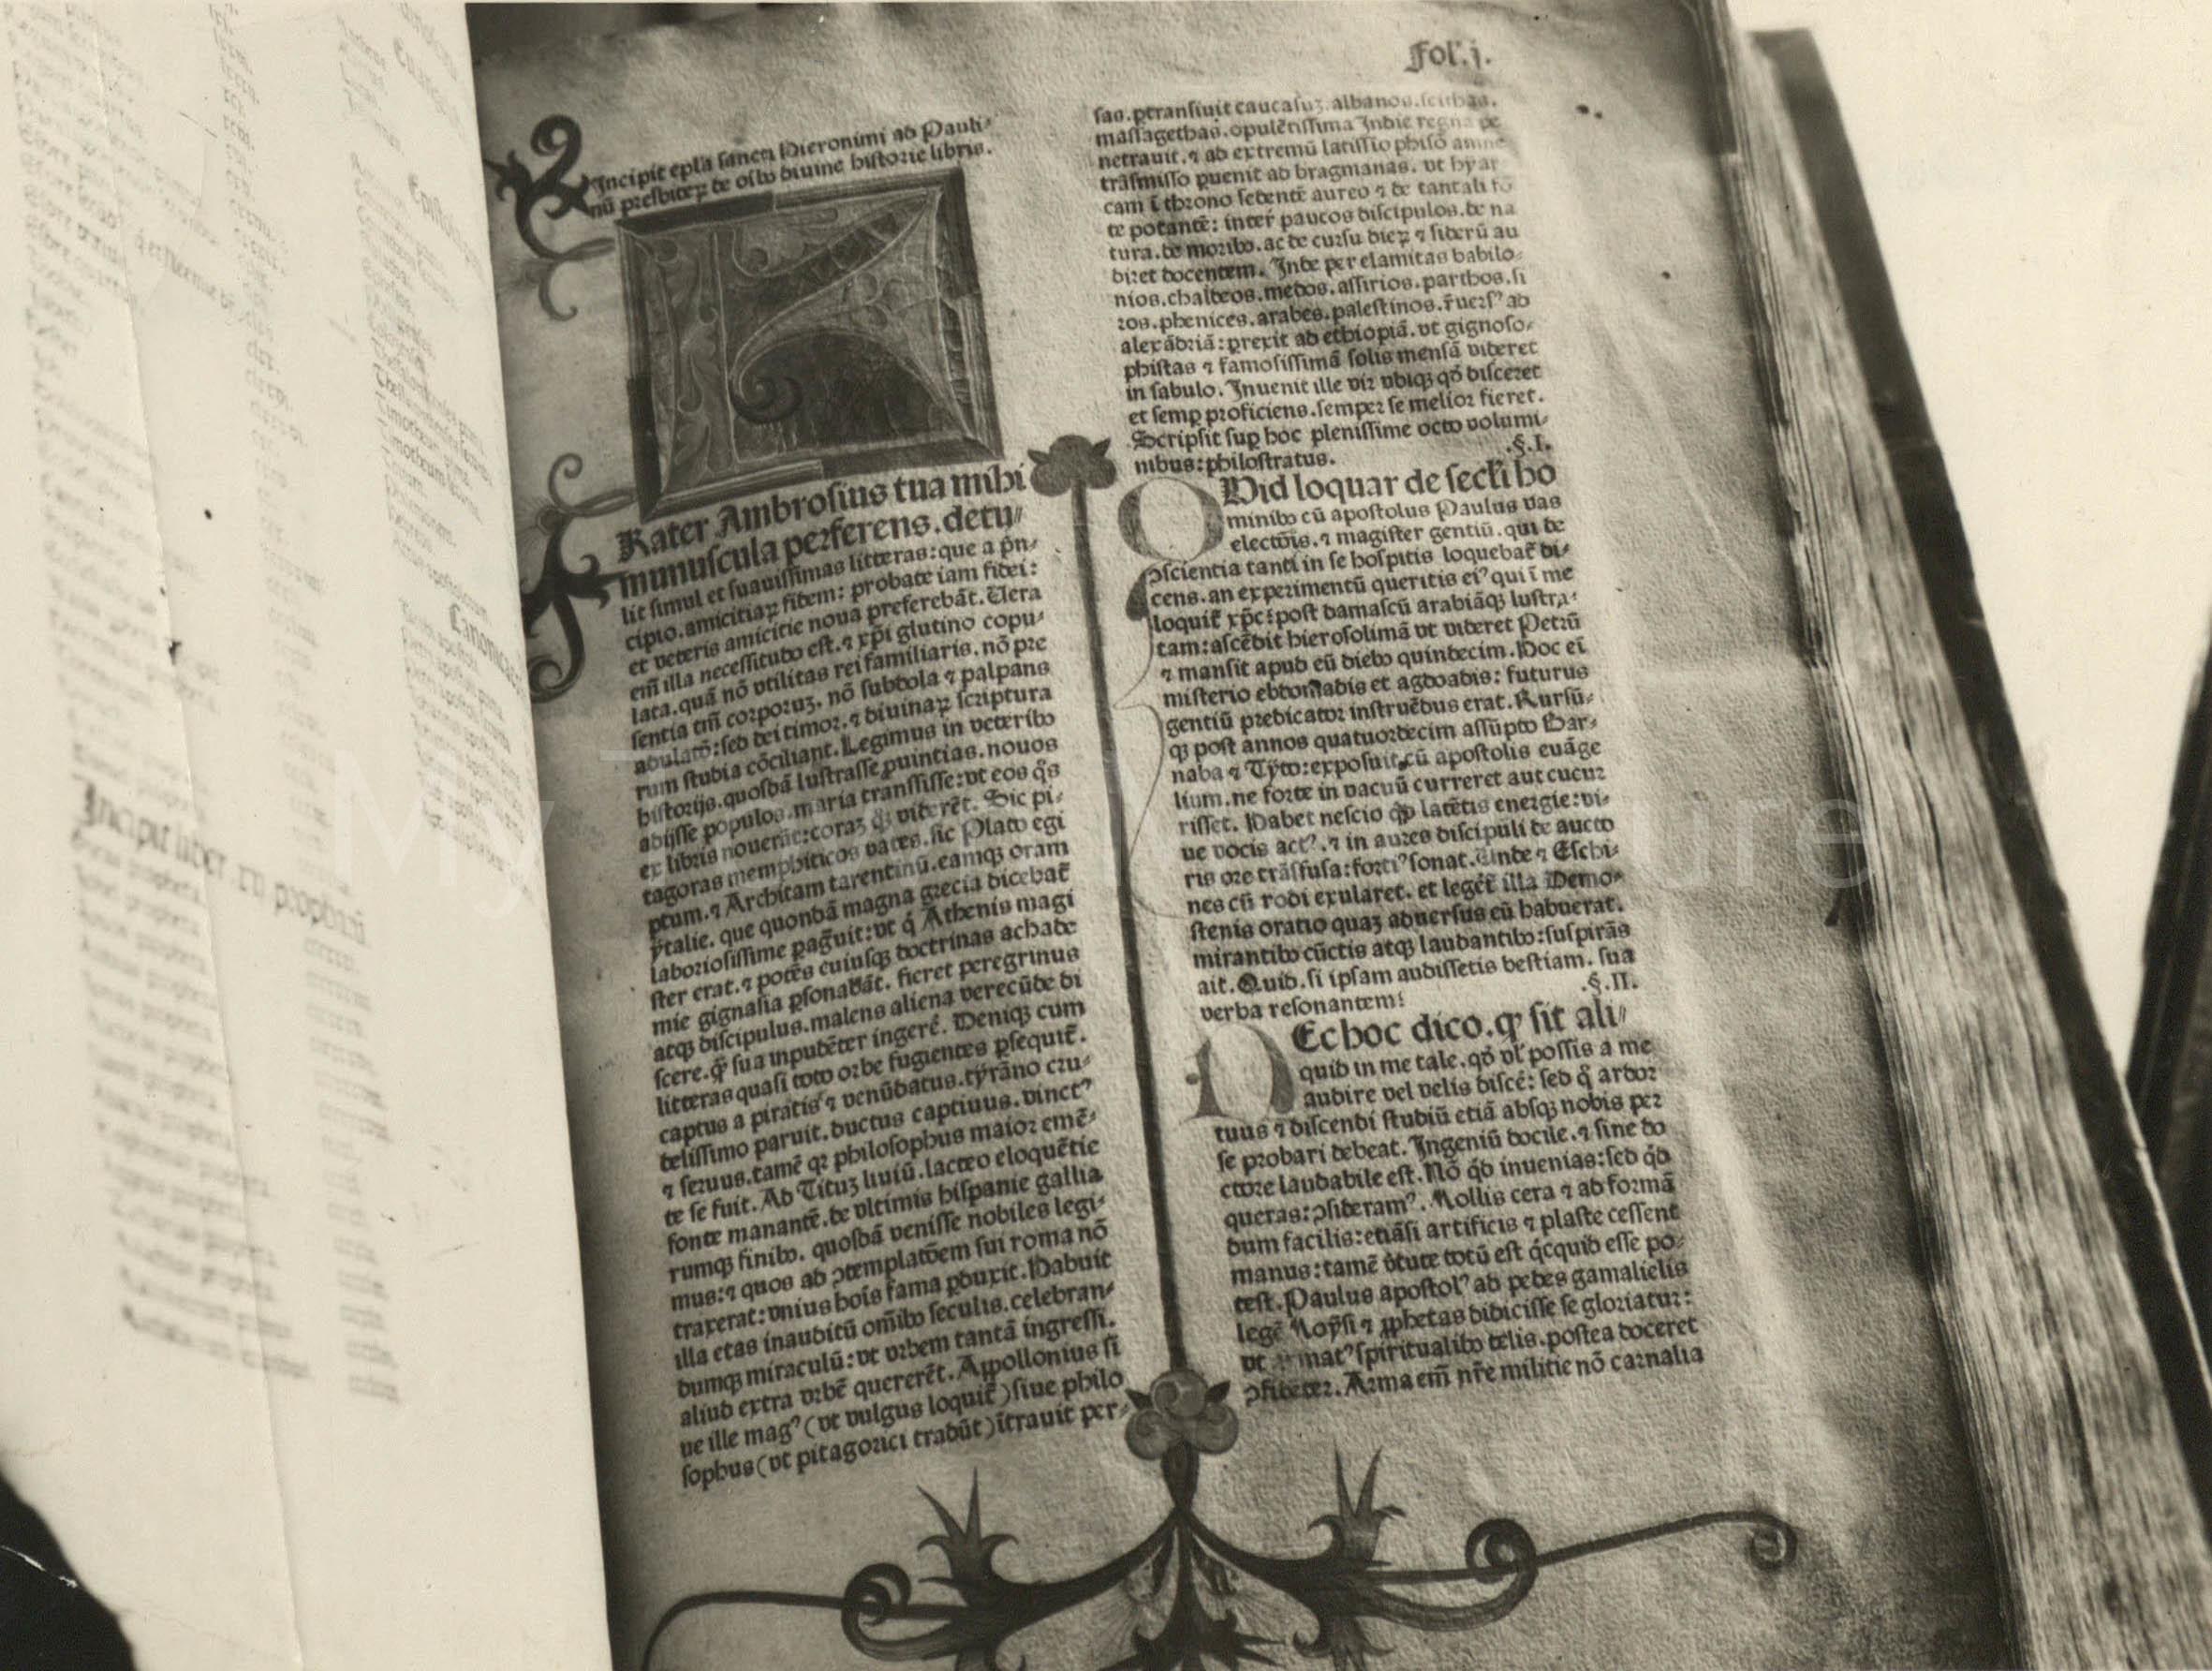 Koburger Bible, dated 1478